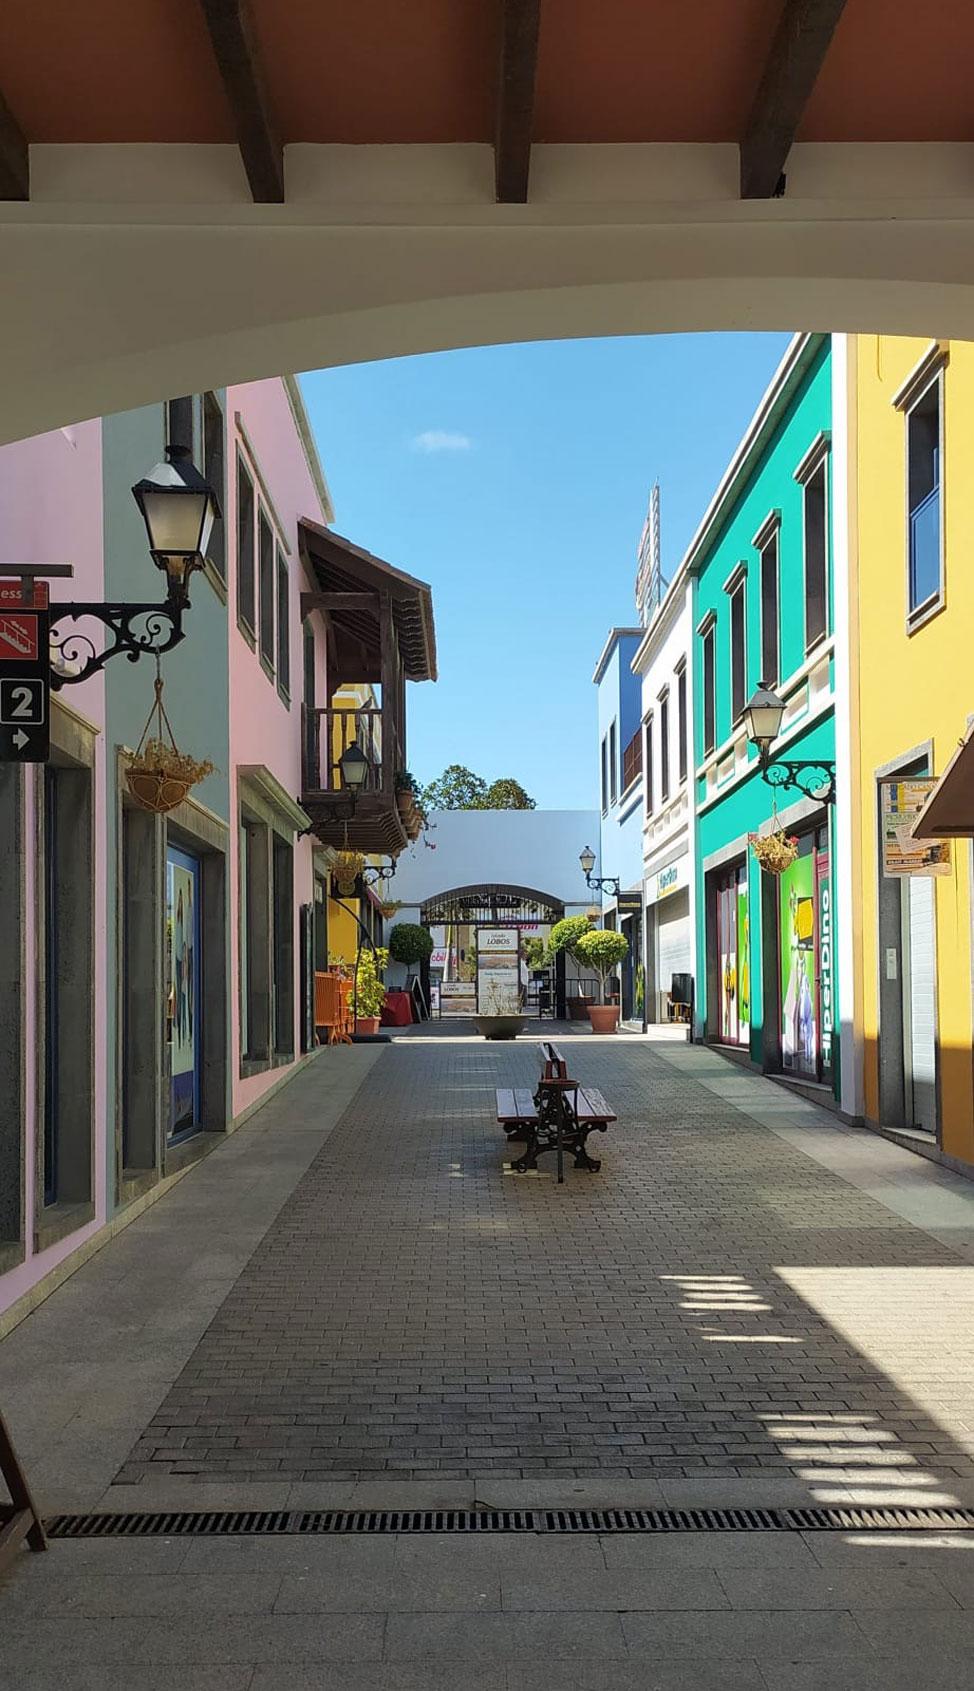 CC El Campanario de Corralejo, el centro comercial más bonito y animado de Canarias | Macaronesia Fuerteventura